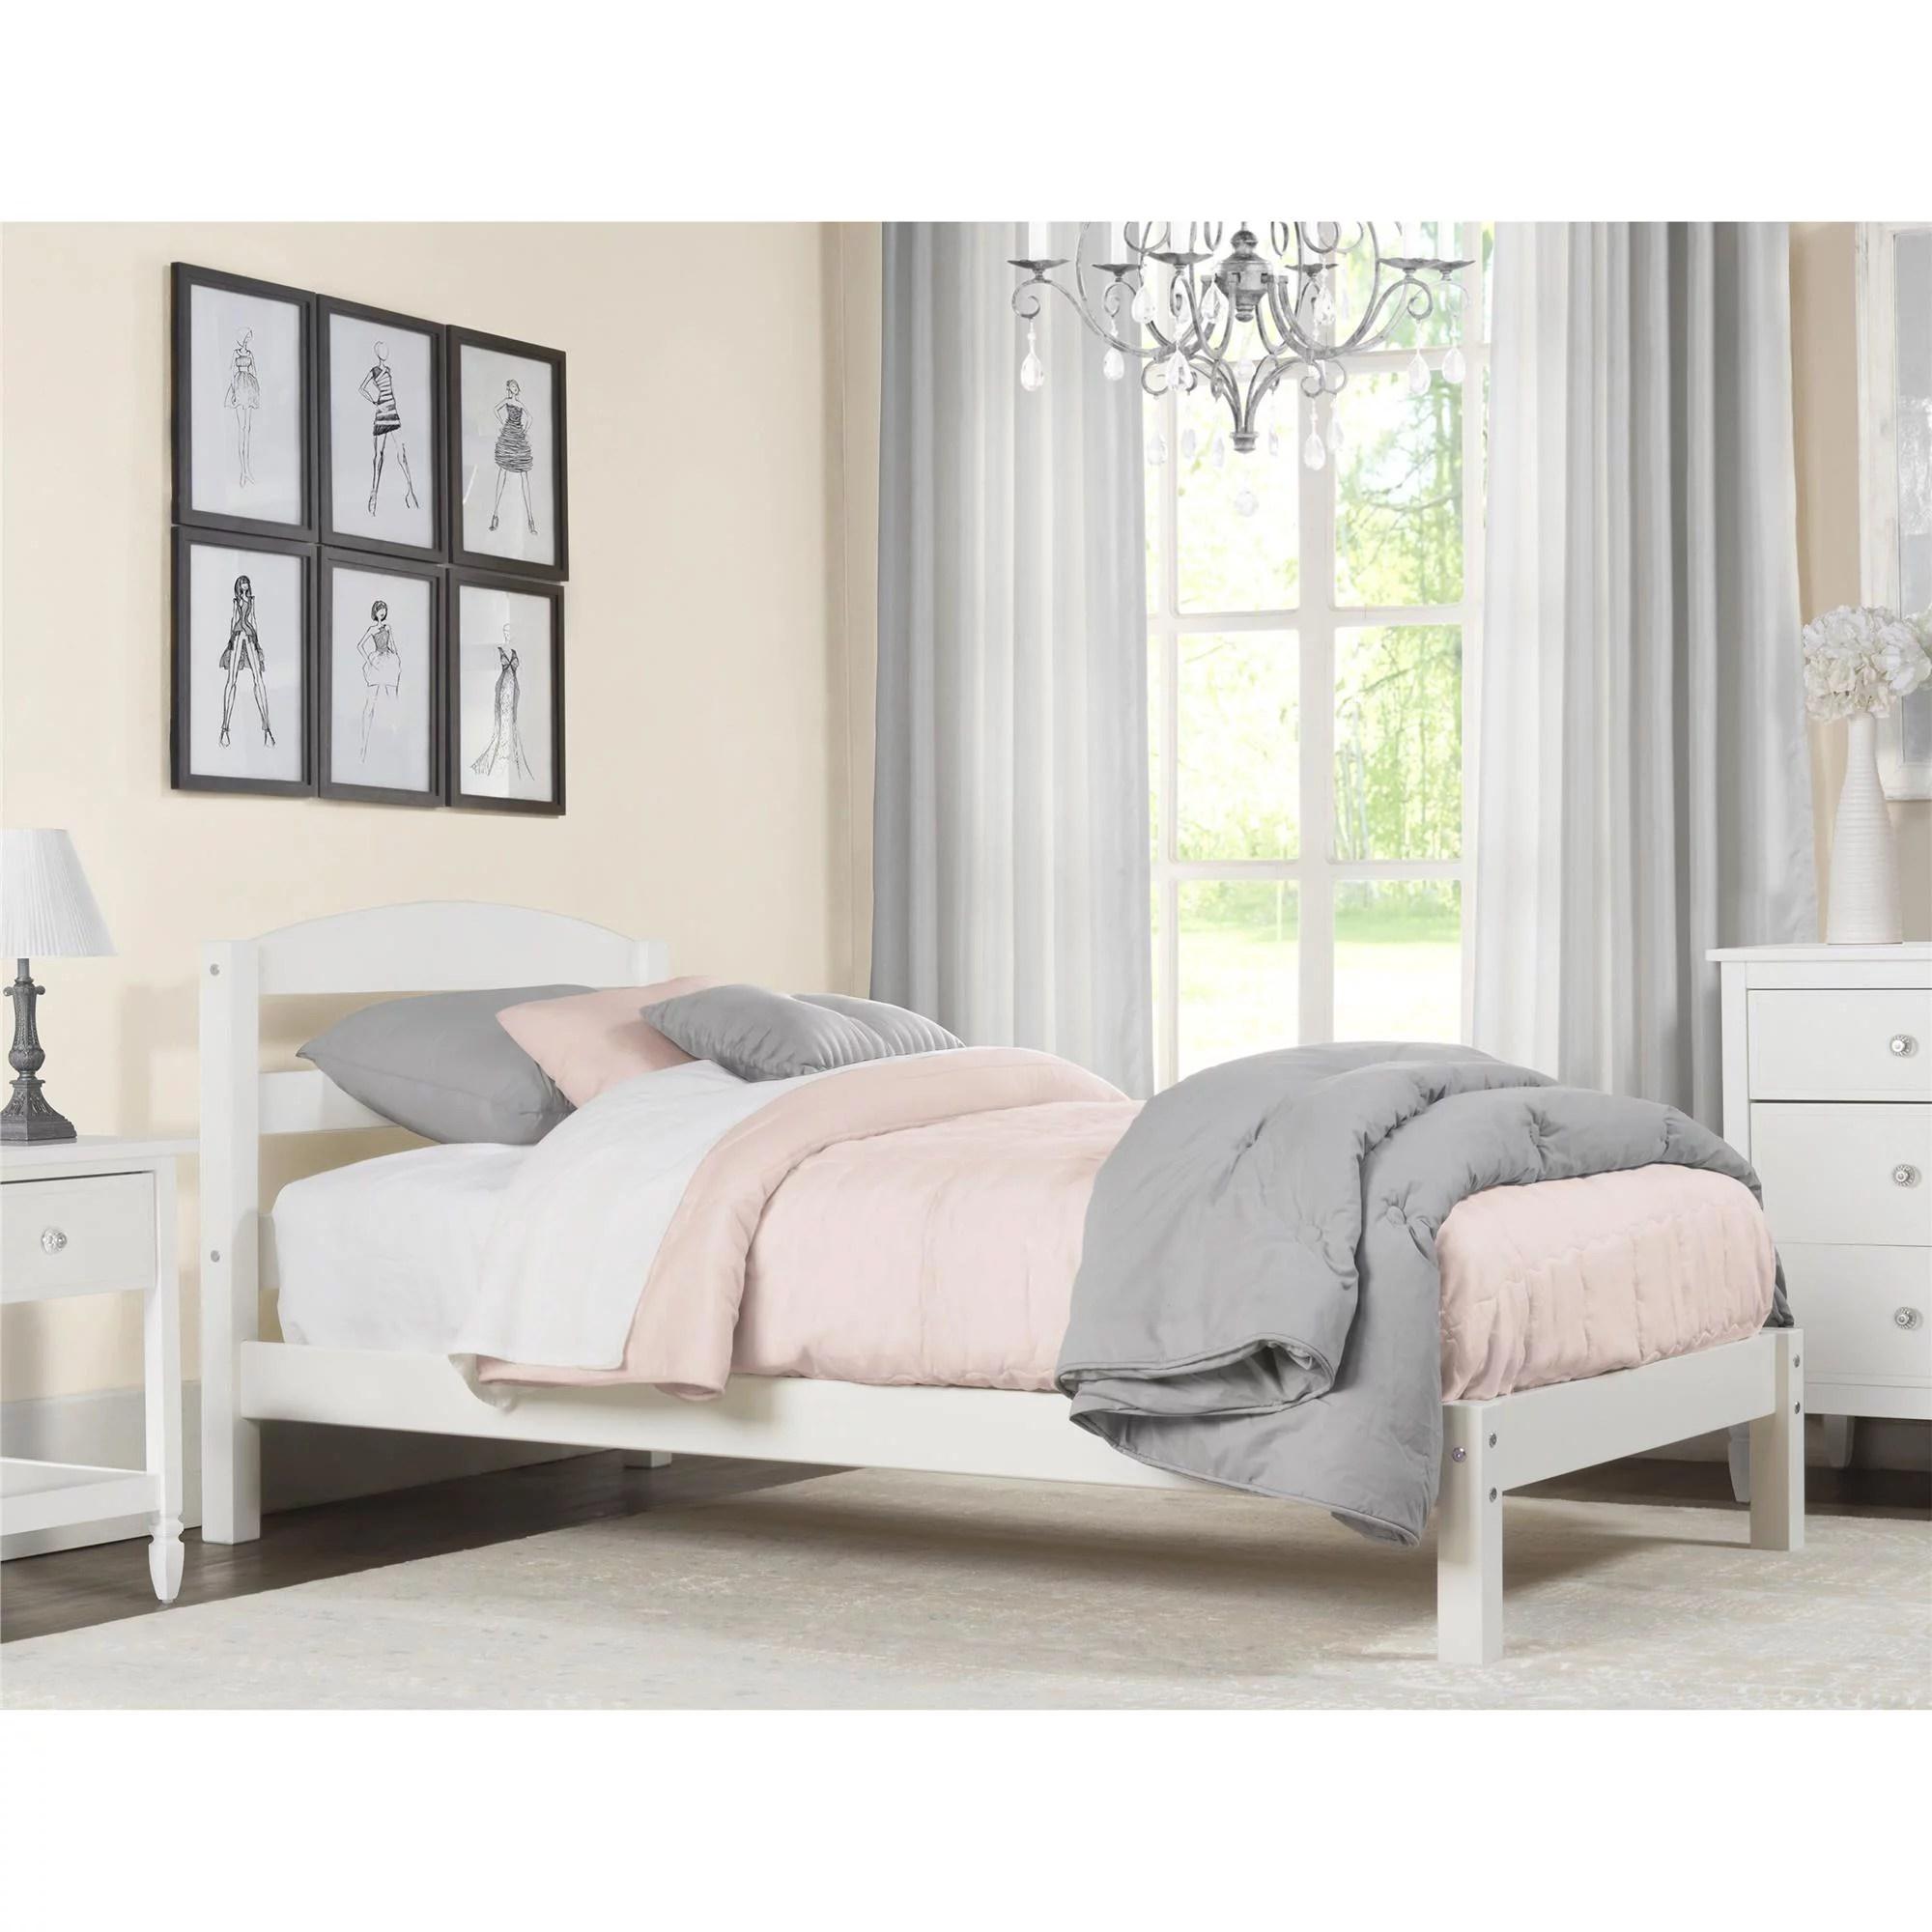 kids bedroom furniture walmart com